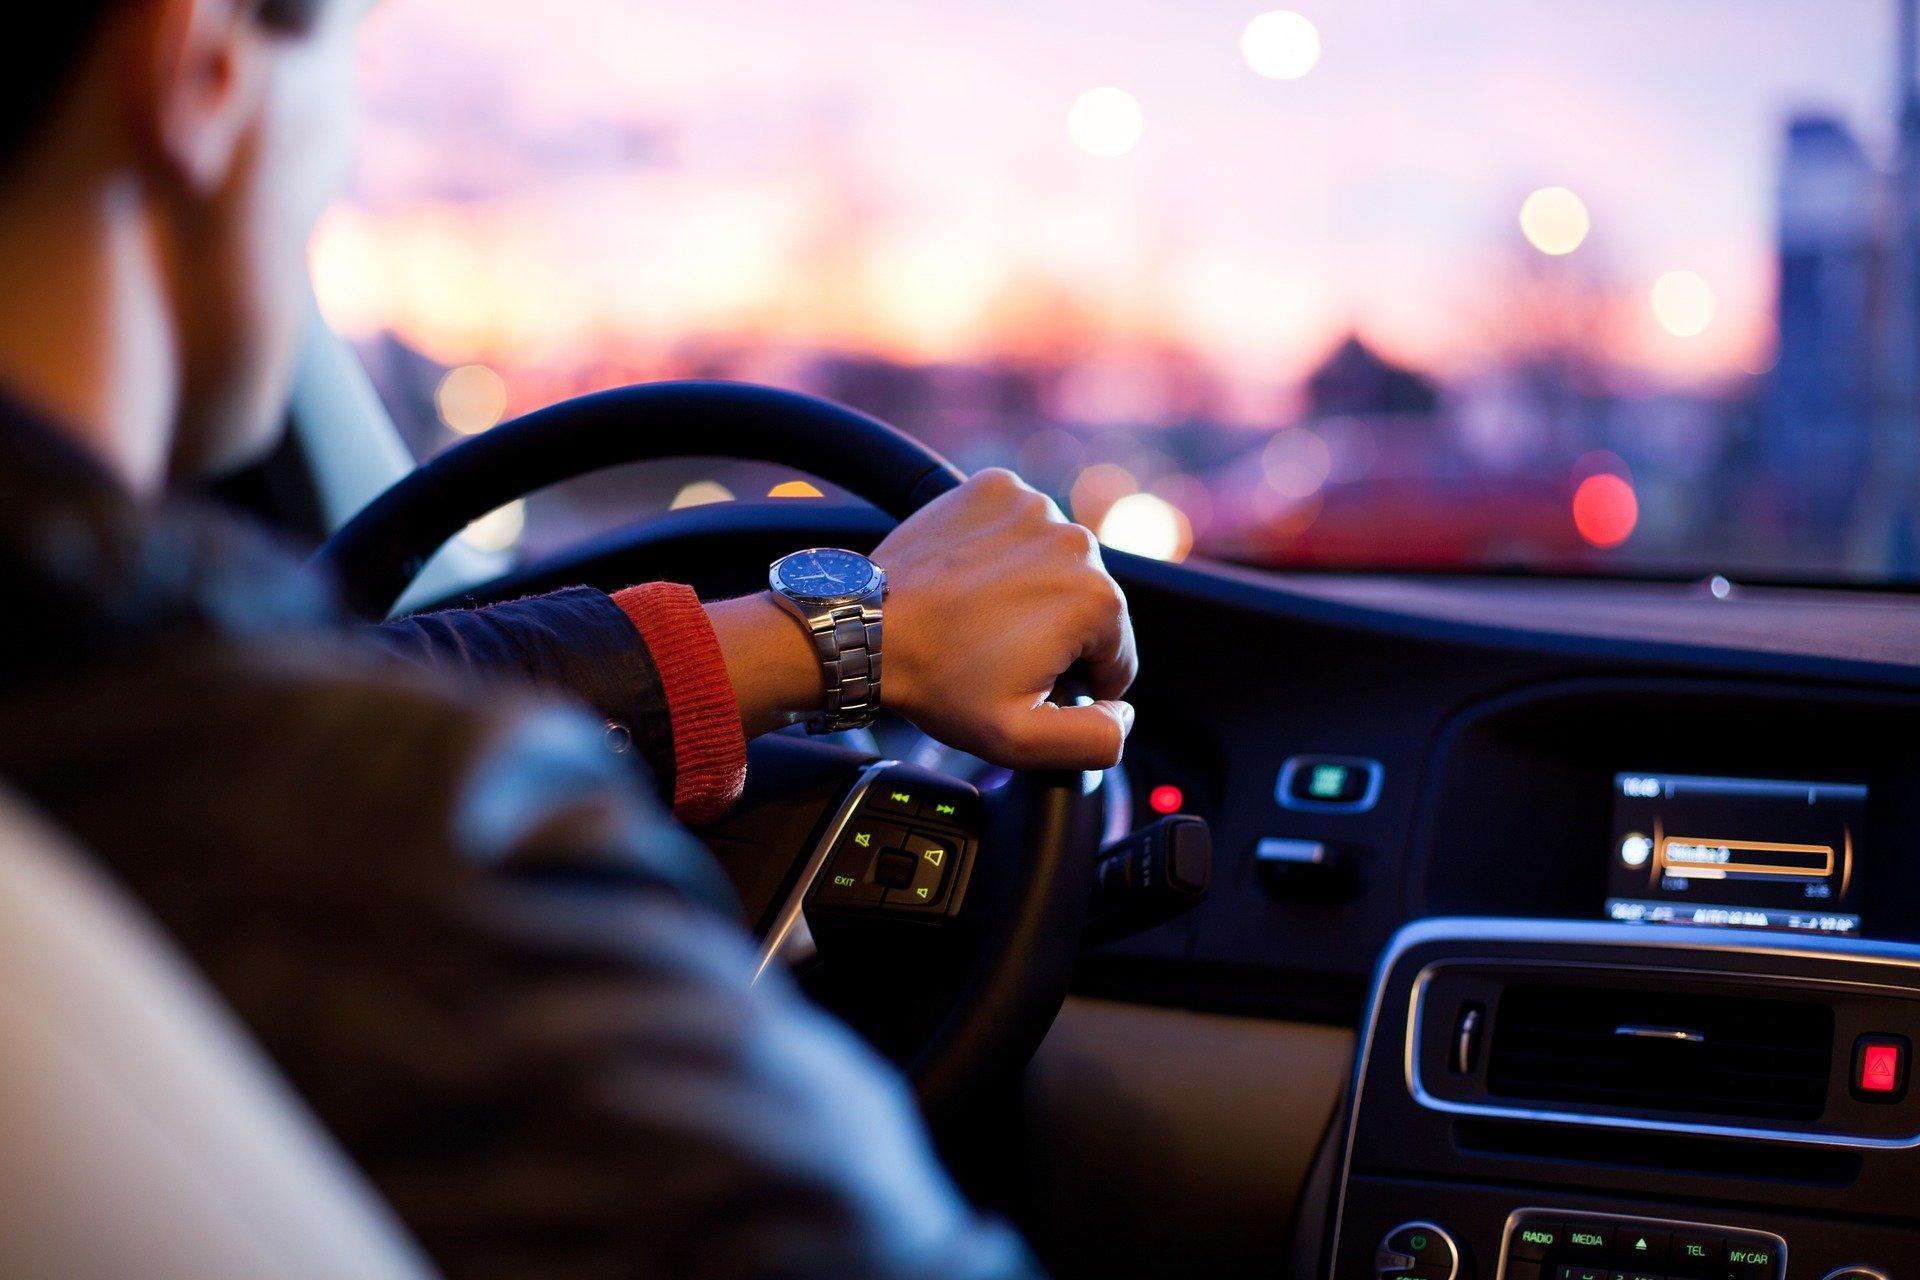 Pojazd osobowy w trakcie jazdy